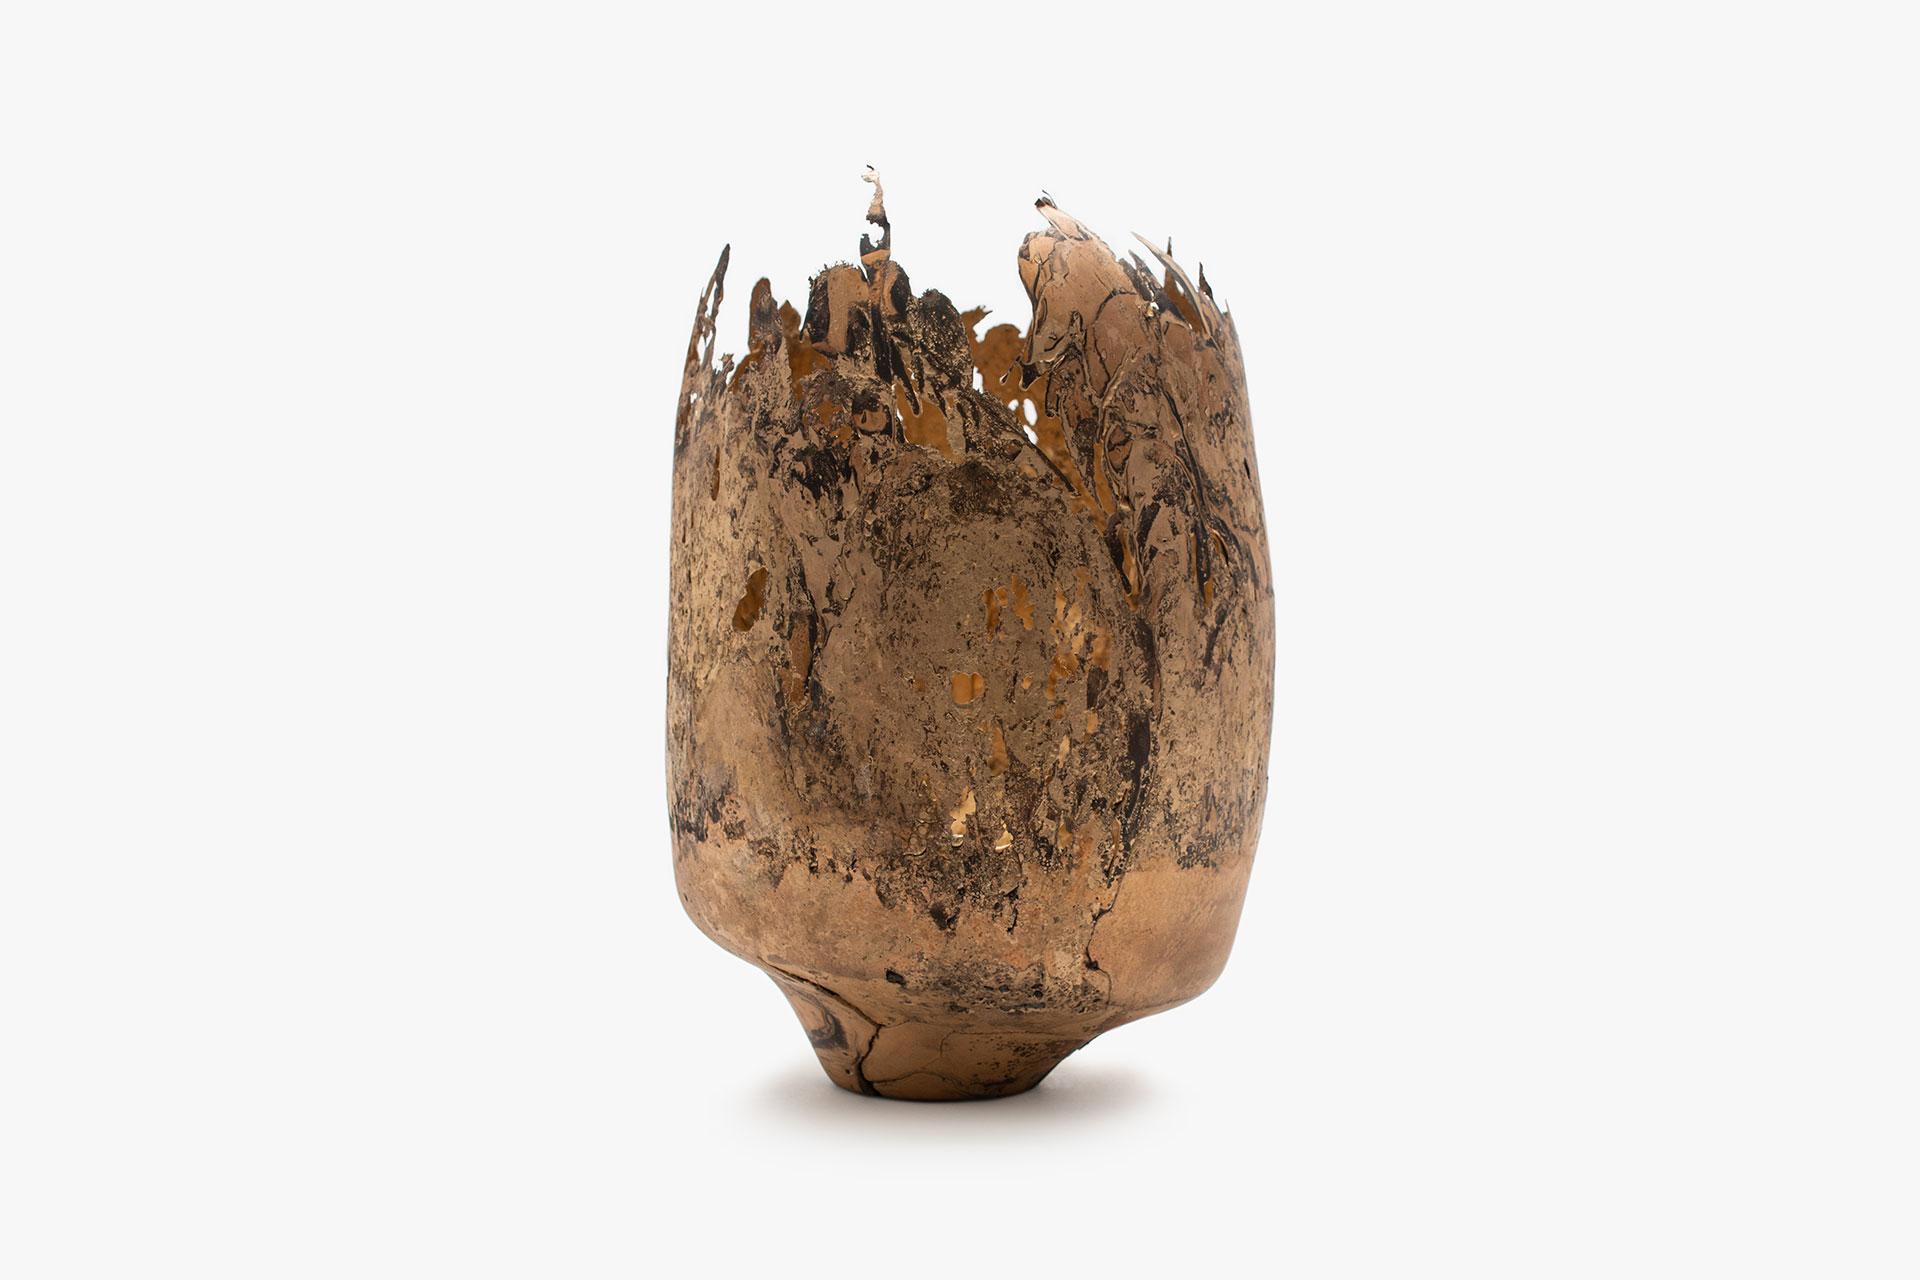 Omer Arbel, OAO113.2020.64, 2020. 36,3 x 24 x 22,5 cm. Copper alloy cast in glass. Courtesy Carwan gallery.